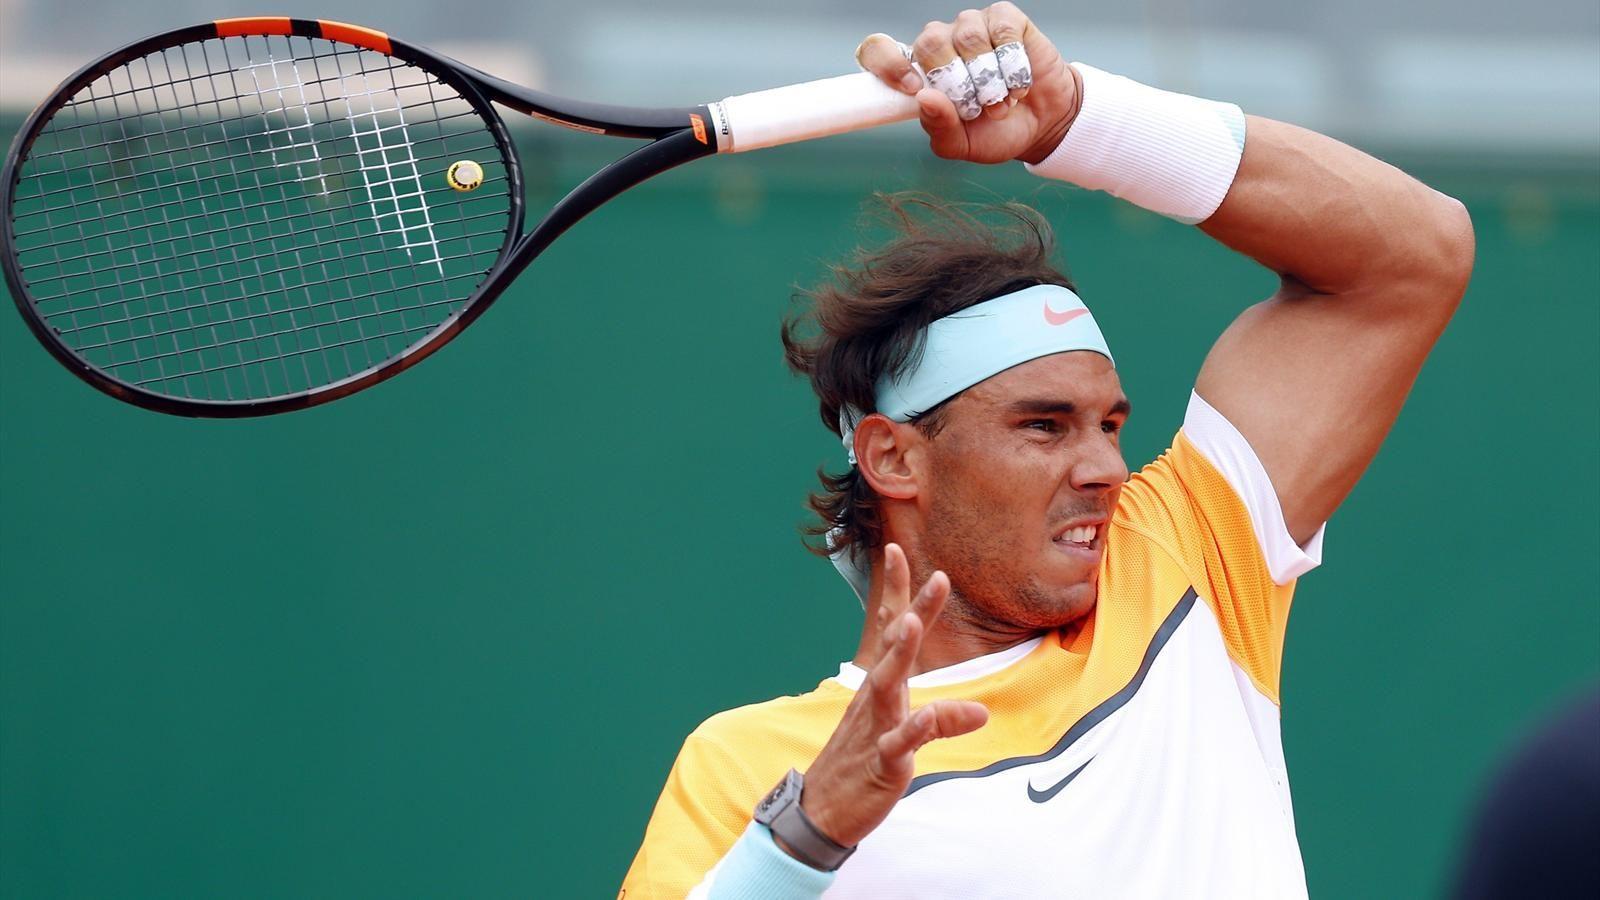 VÍDEO: Rafa Nadal gana su Master 33 y llega a 80 títulos